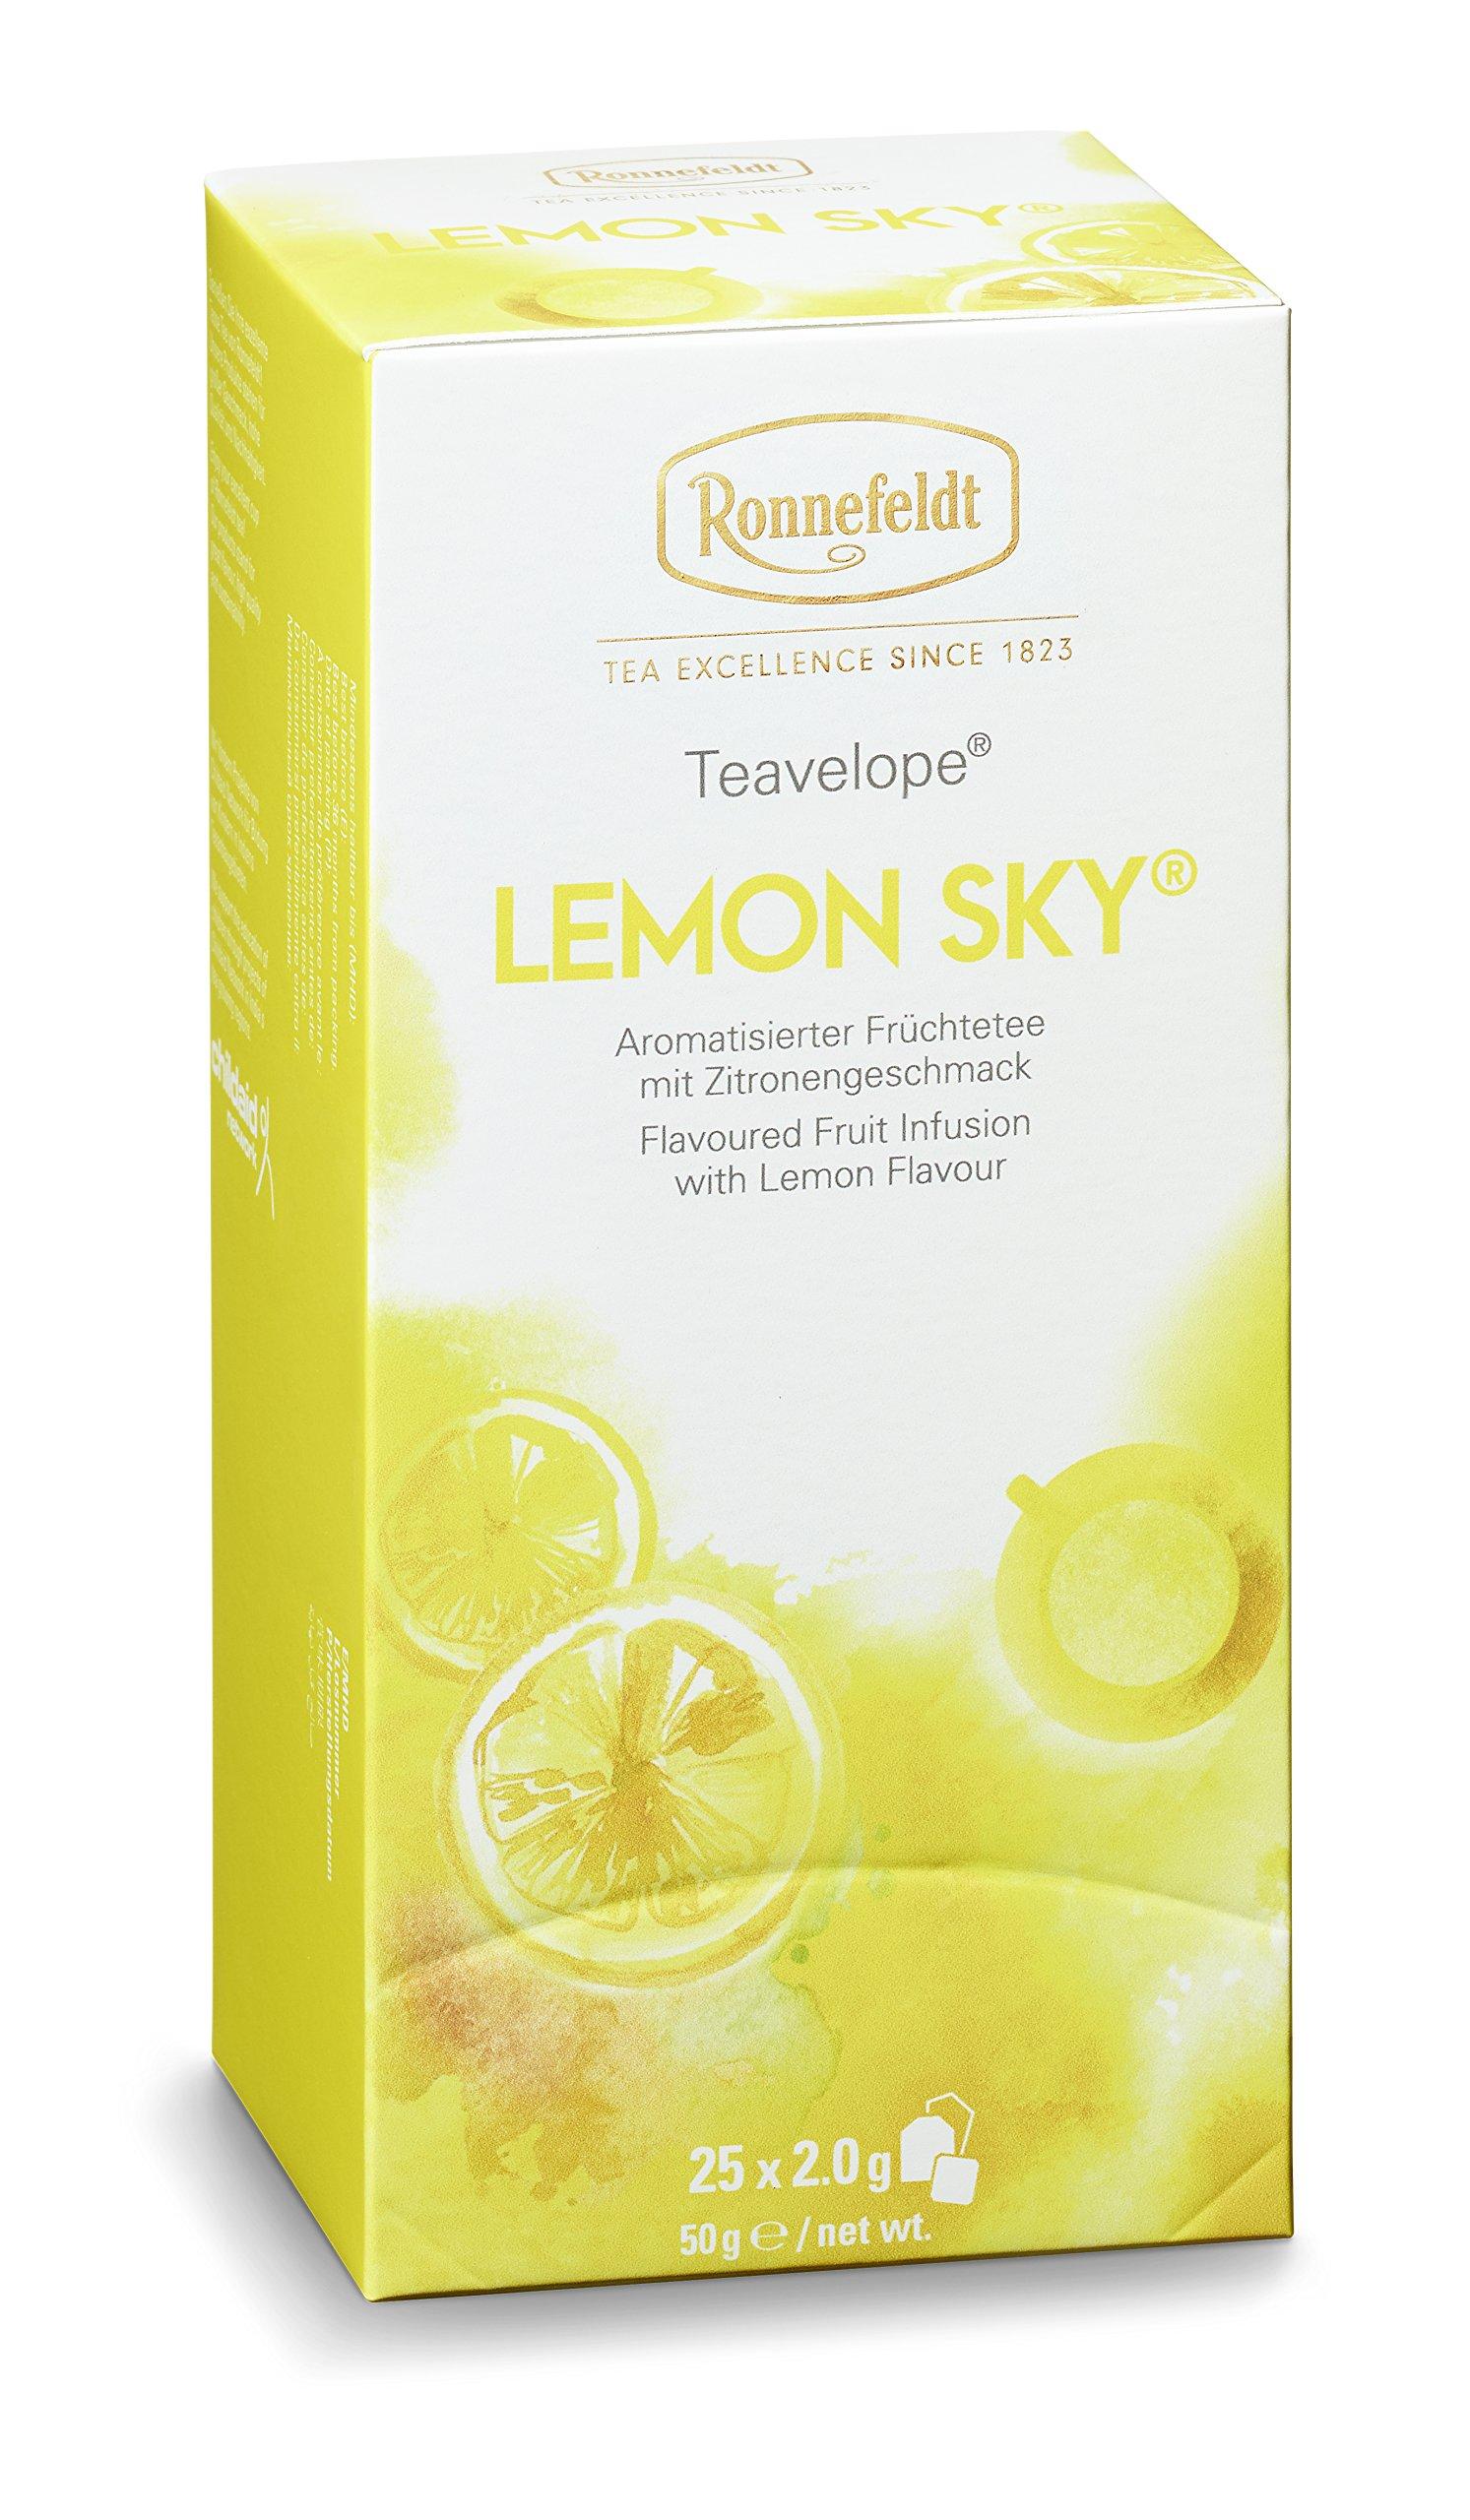 Ronnefeldt-Promopack–Teavelope-Lemon-Sky-Frchtetee-50-g-inkl-Coffee-To-Go-Becher